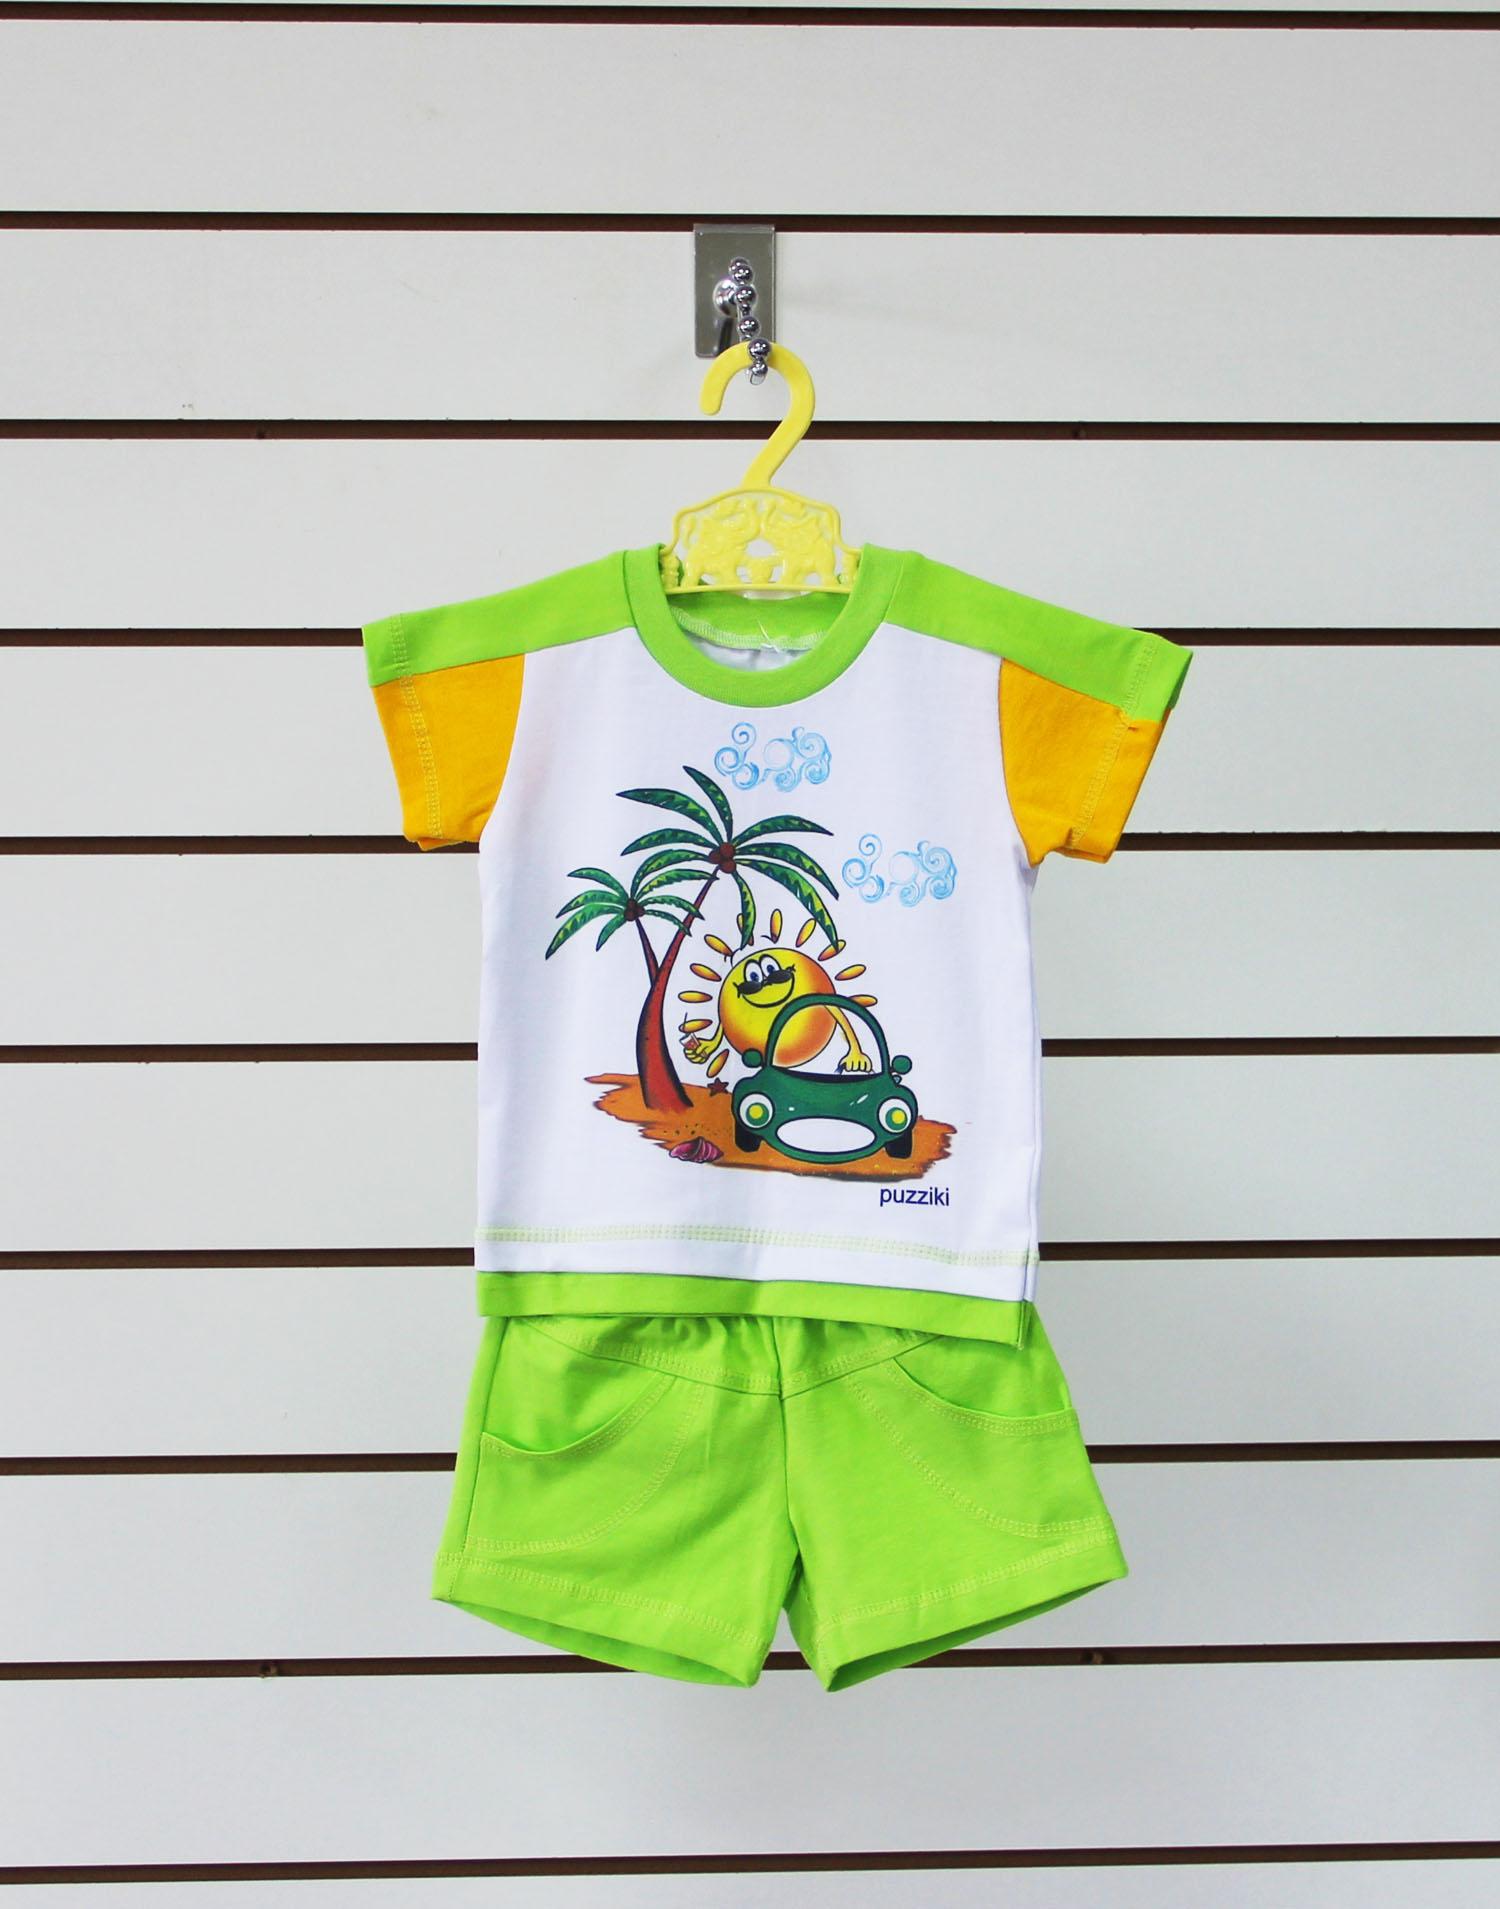 Комплект одежды детскийСолнышко-2 футболка рукав лампас и шортыКомплекты и костюмы<br><br><br>Размер: Розовый